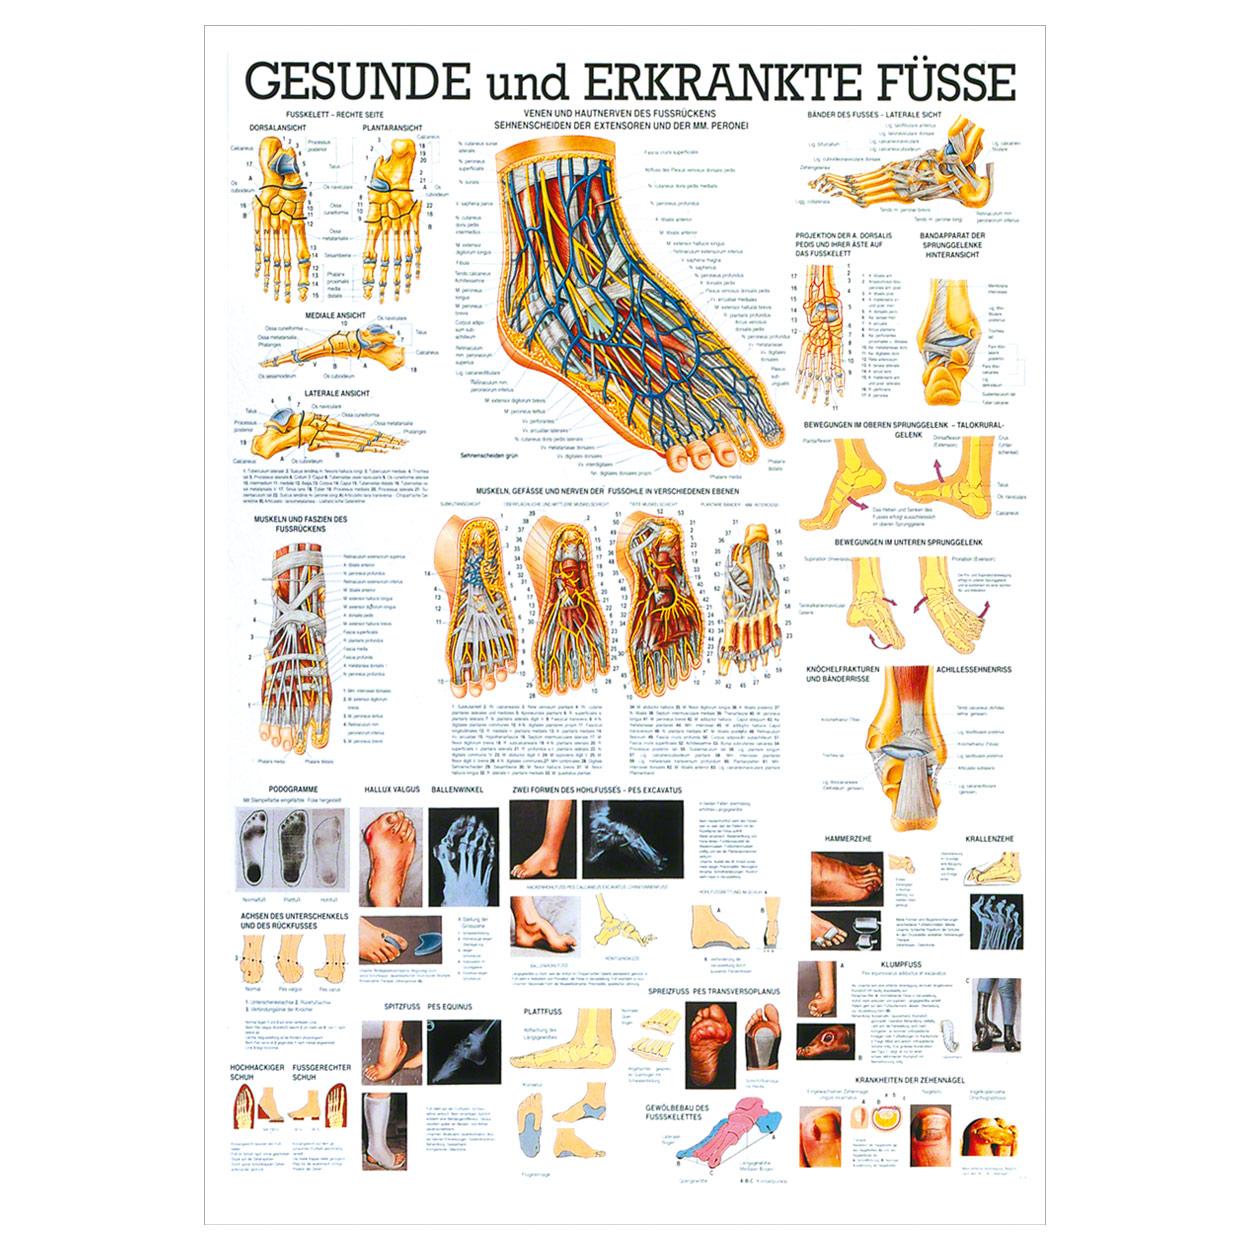 Der Fuß Lehrtafel Anatomie 100x70 cm medizinische Lehrmittel | eBay